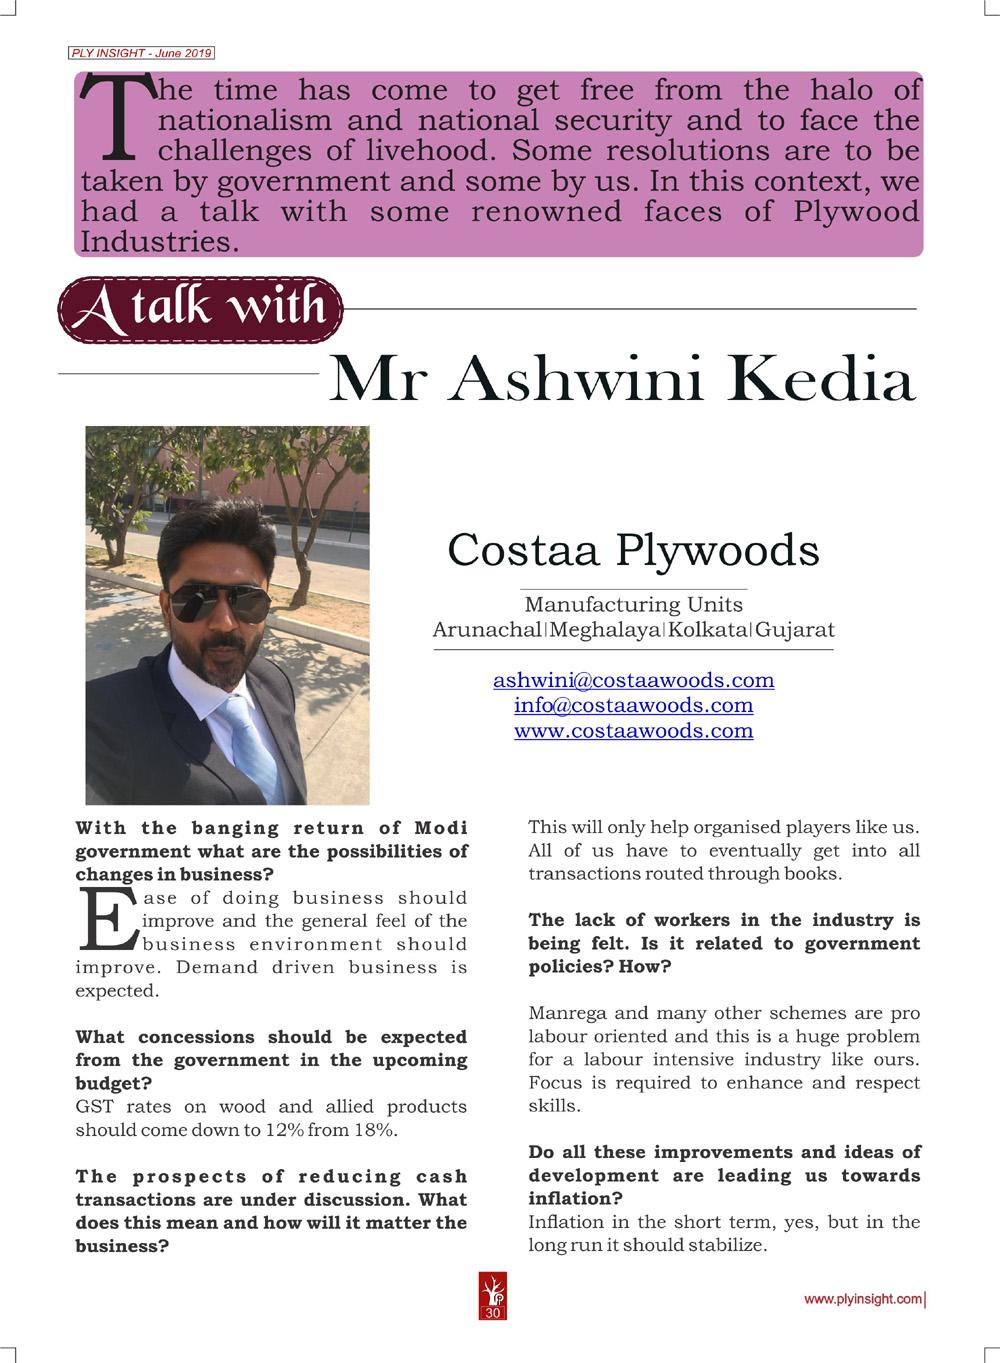 Mr. Ashwini Kedia